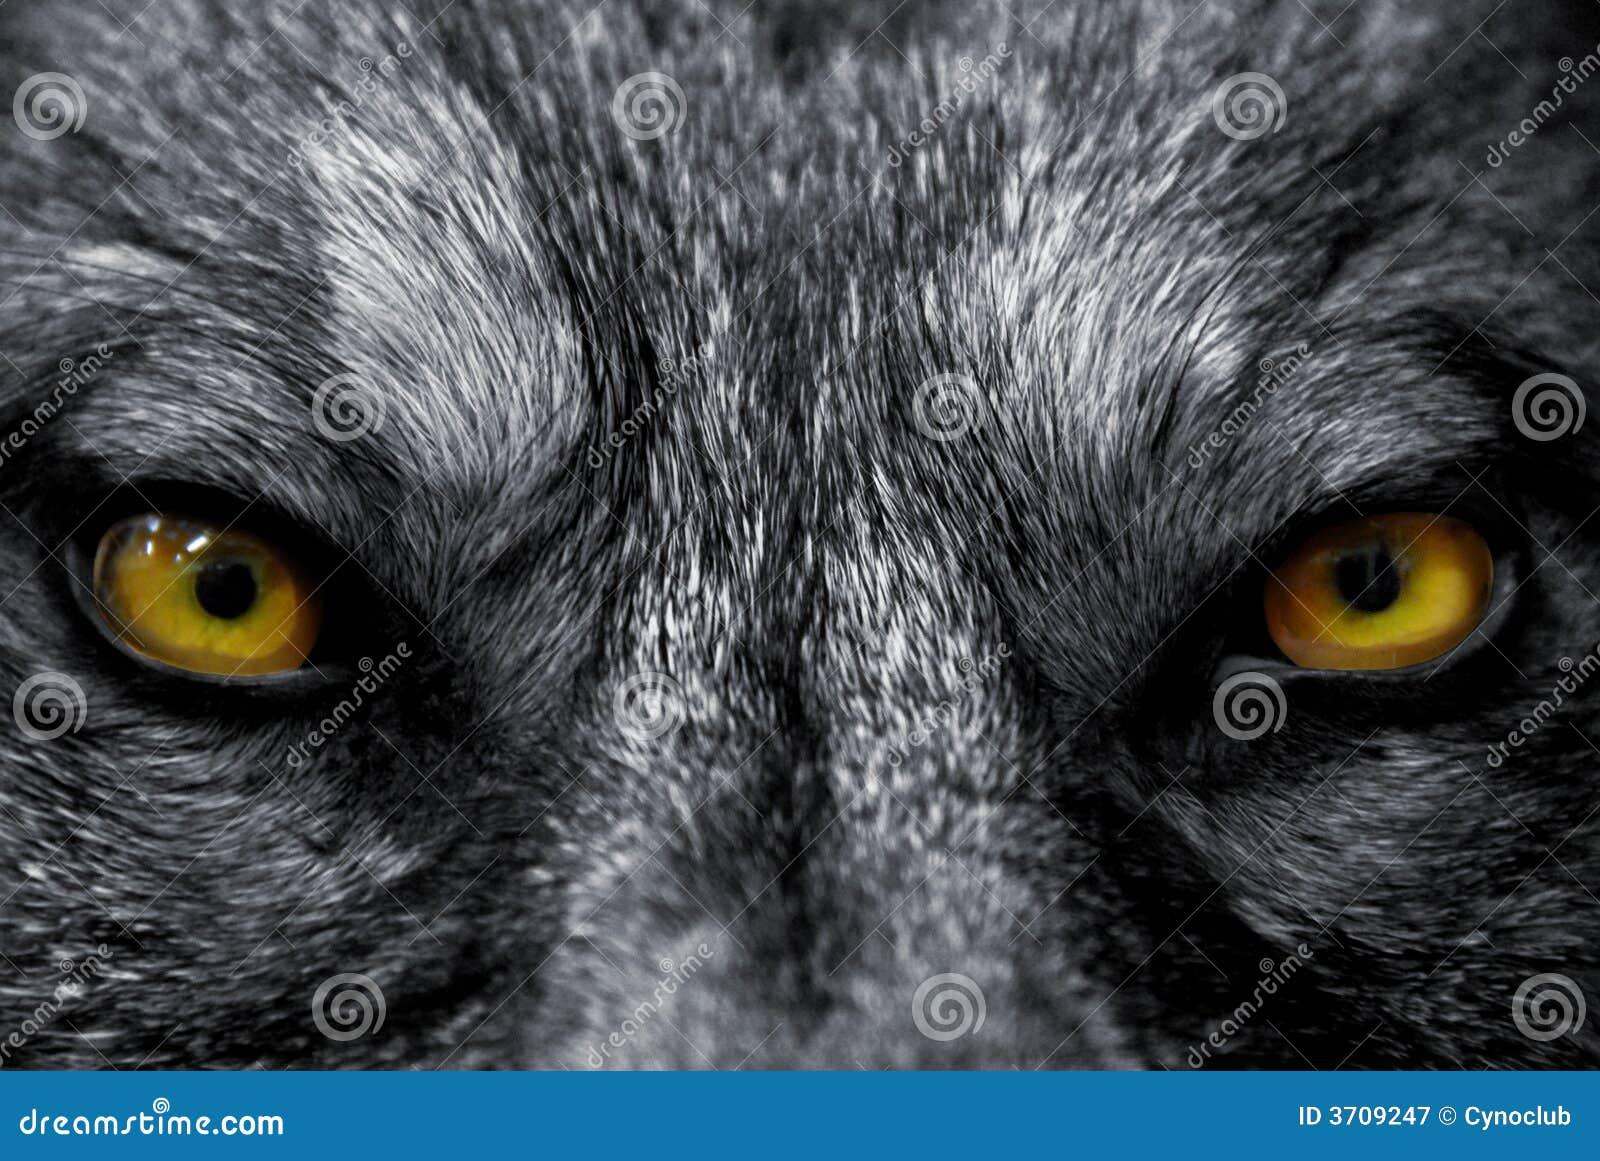 Ojos del lobo